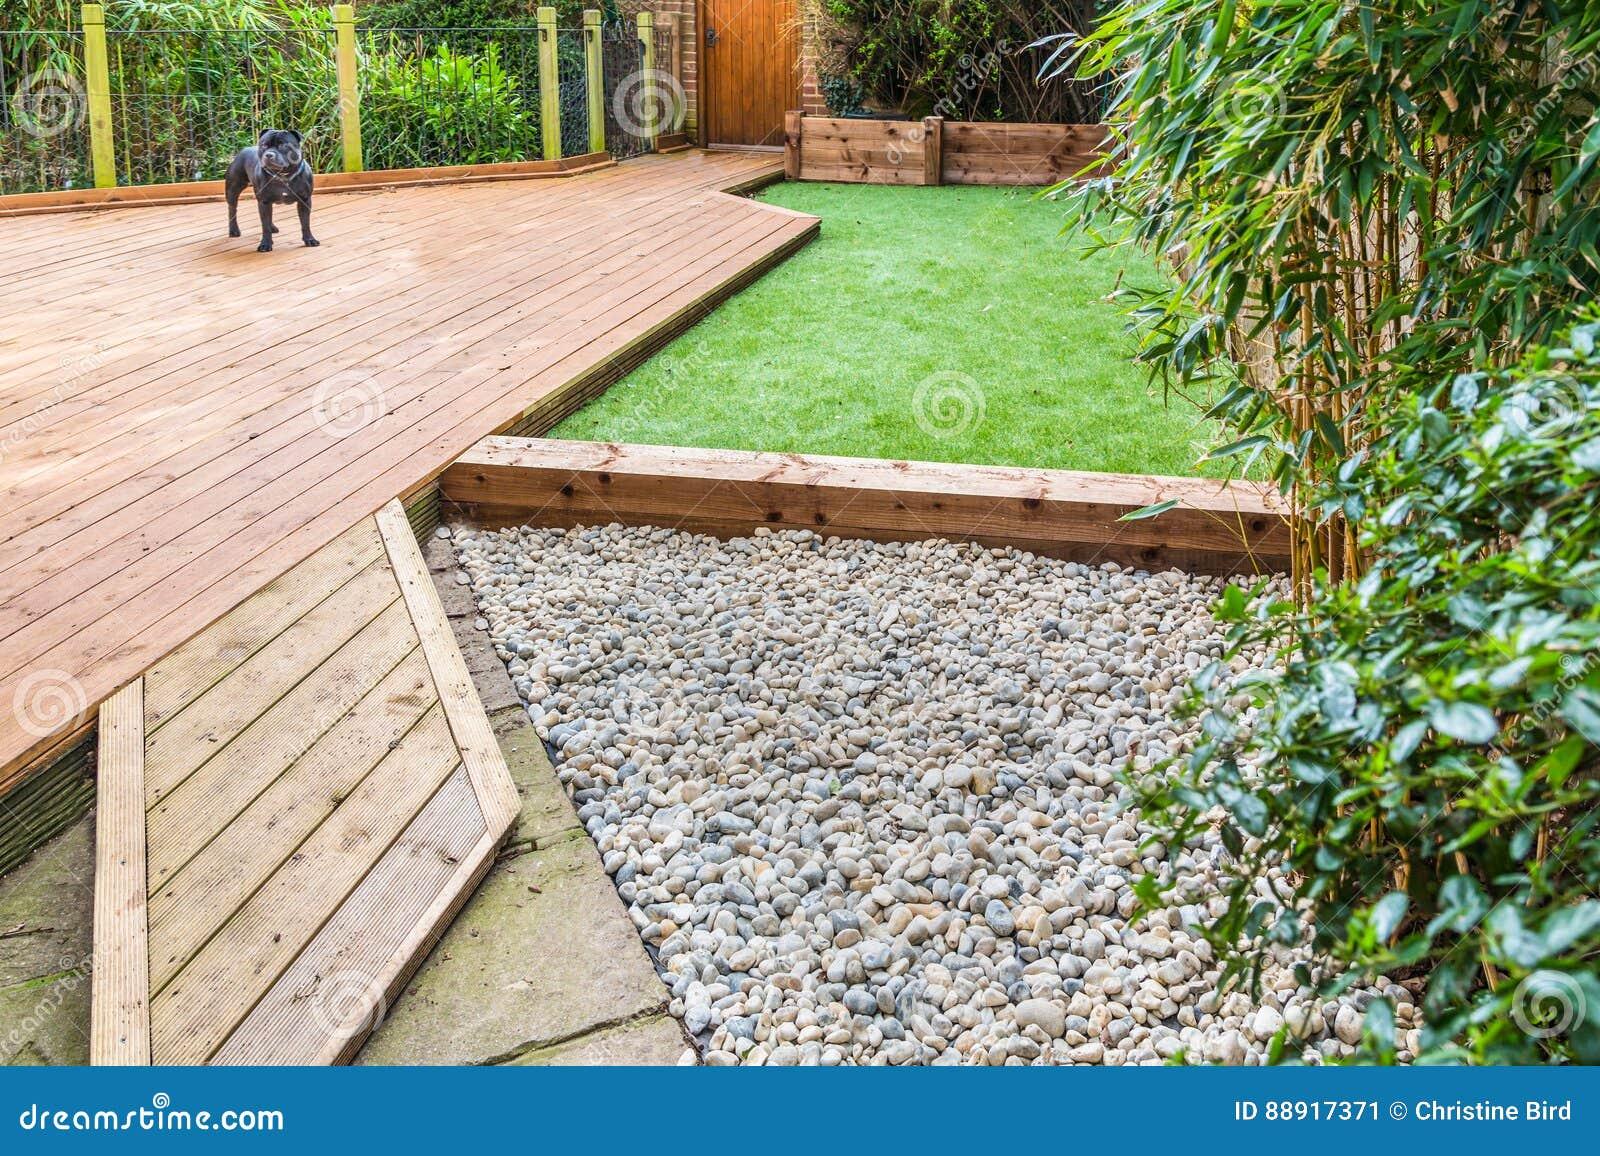 Una sección de un jardín residntial, yarda con decking de madera,